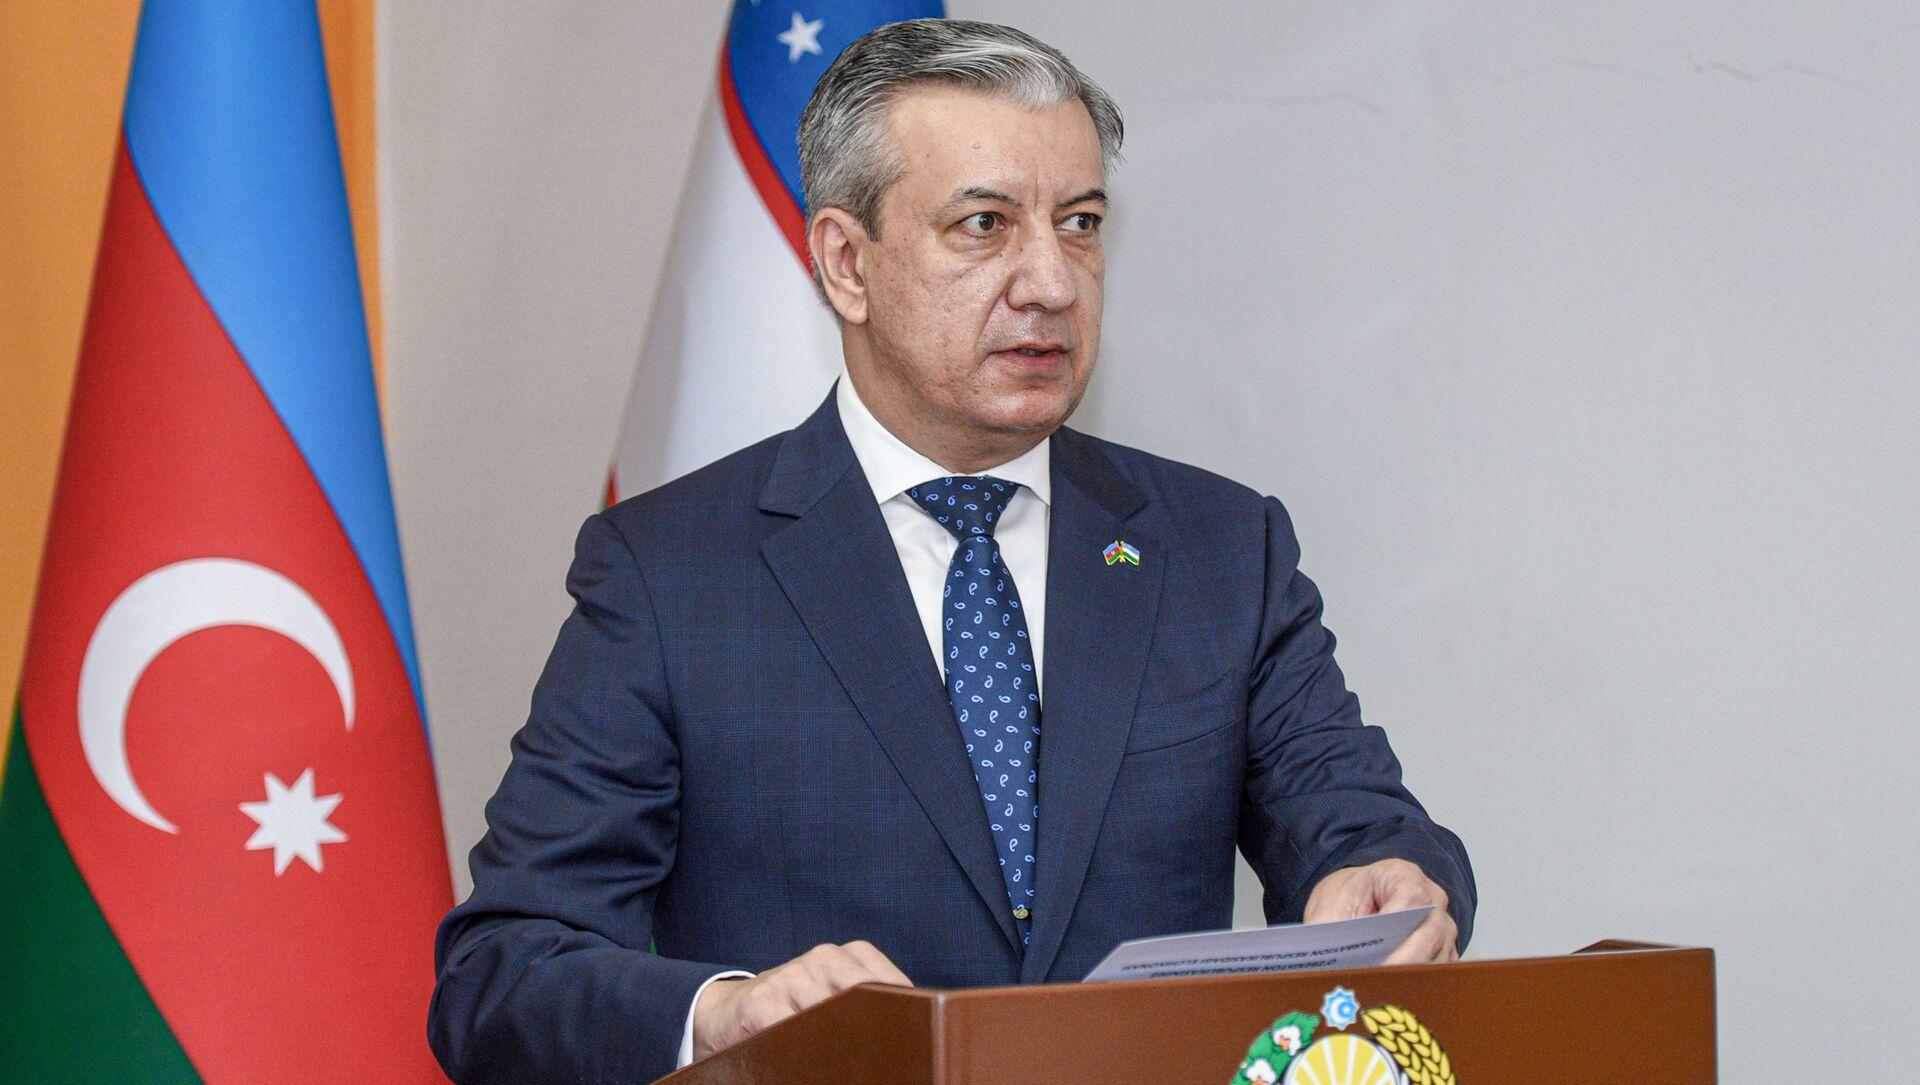 Посол Узбекистана в АР Бахром Ашрафханов  - Sputnik Azərbaycan, 1920, 11.08.2021